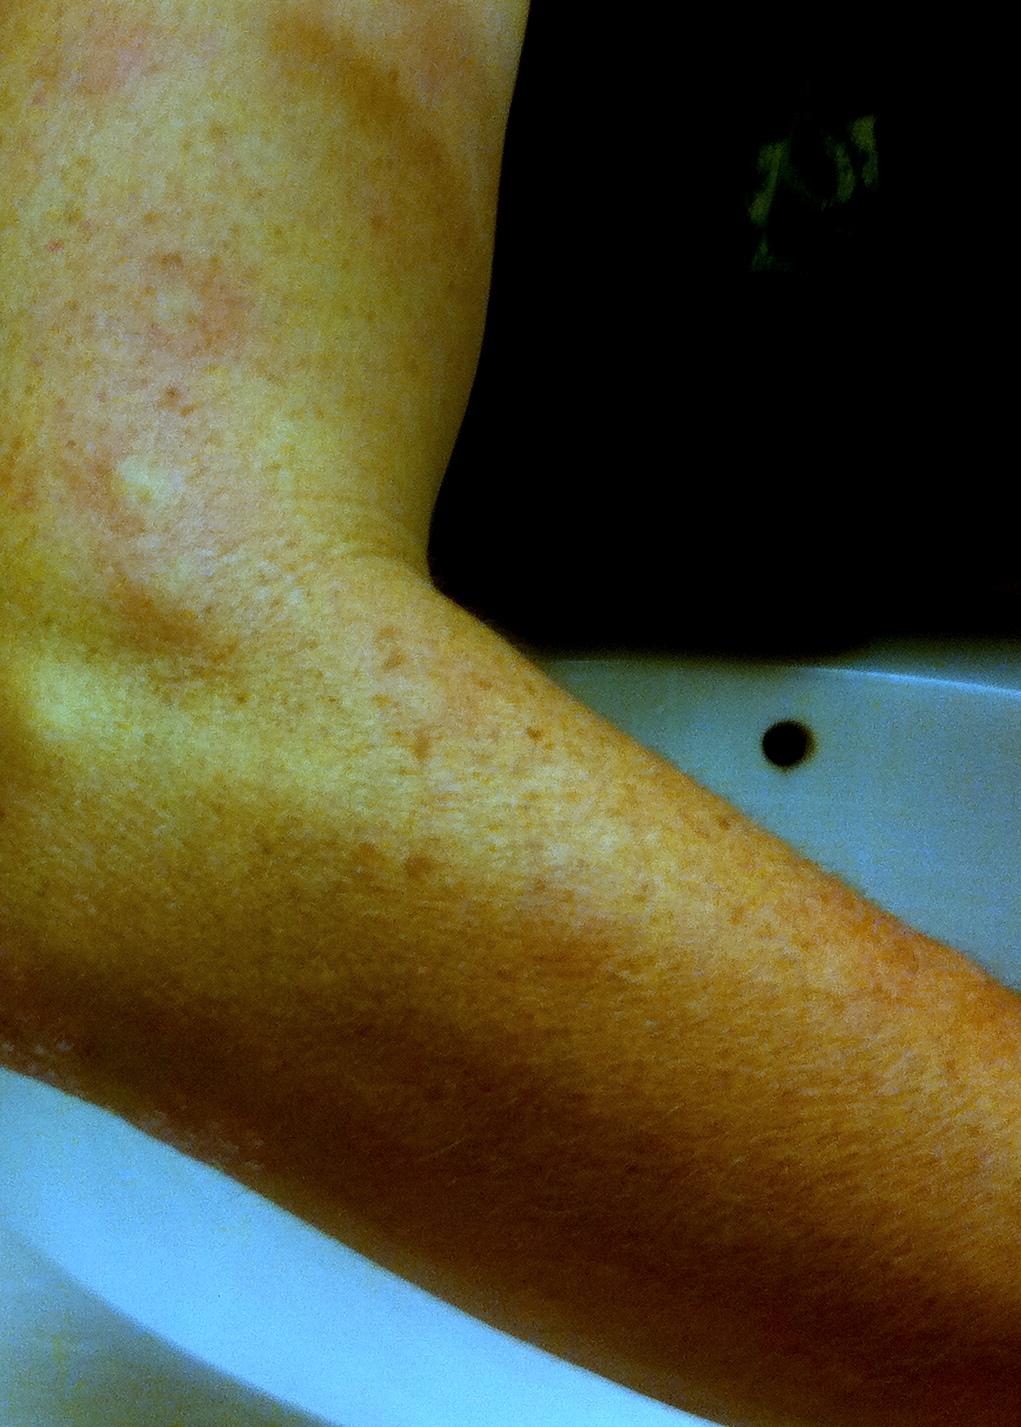 Fiberglass In My Skin : Road rage scratch and sniff